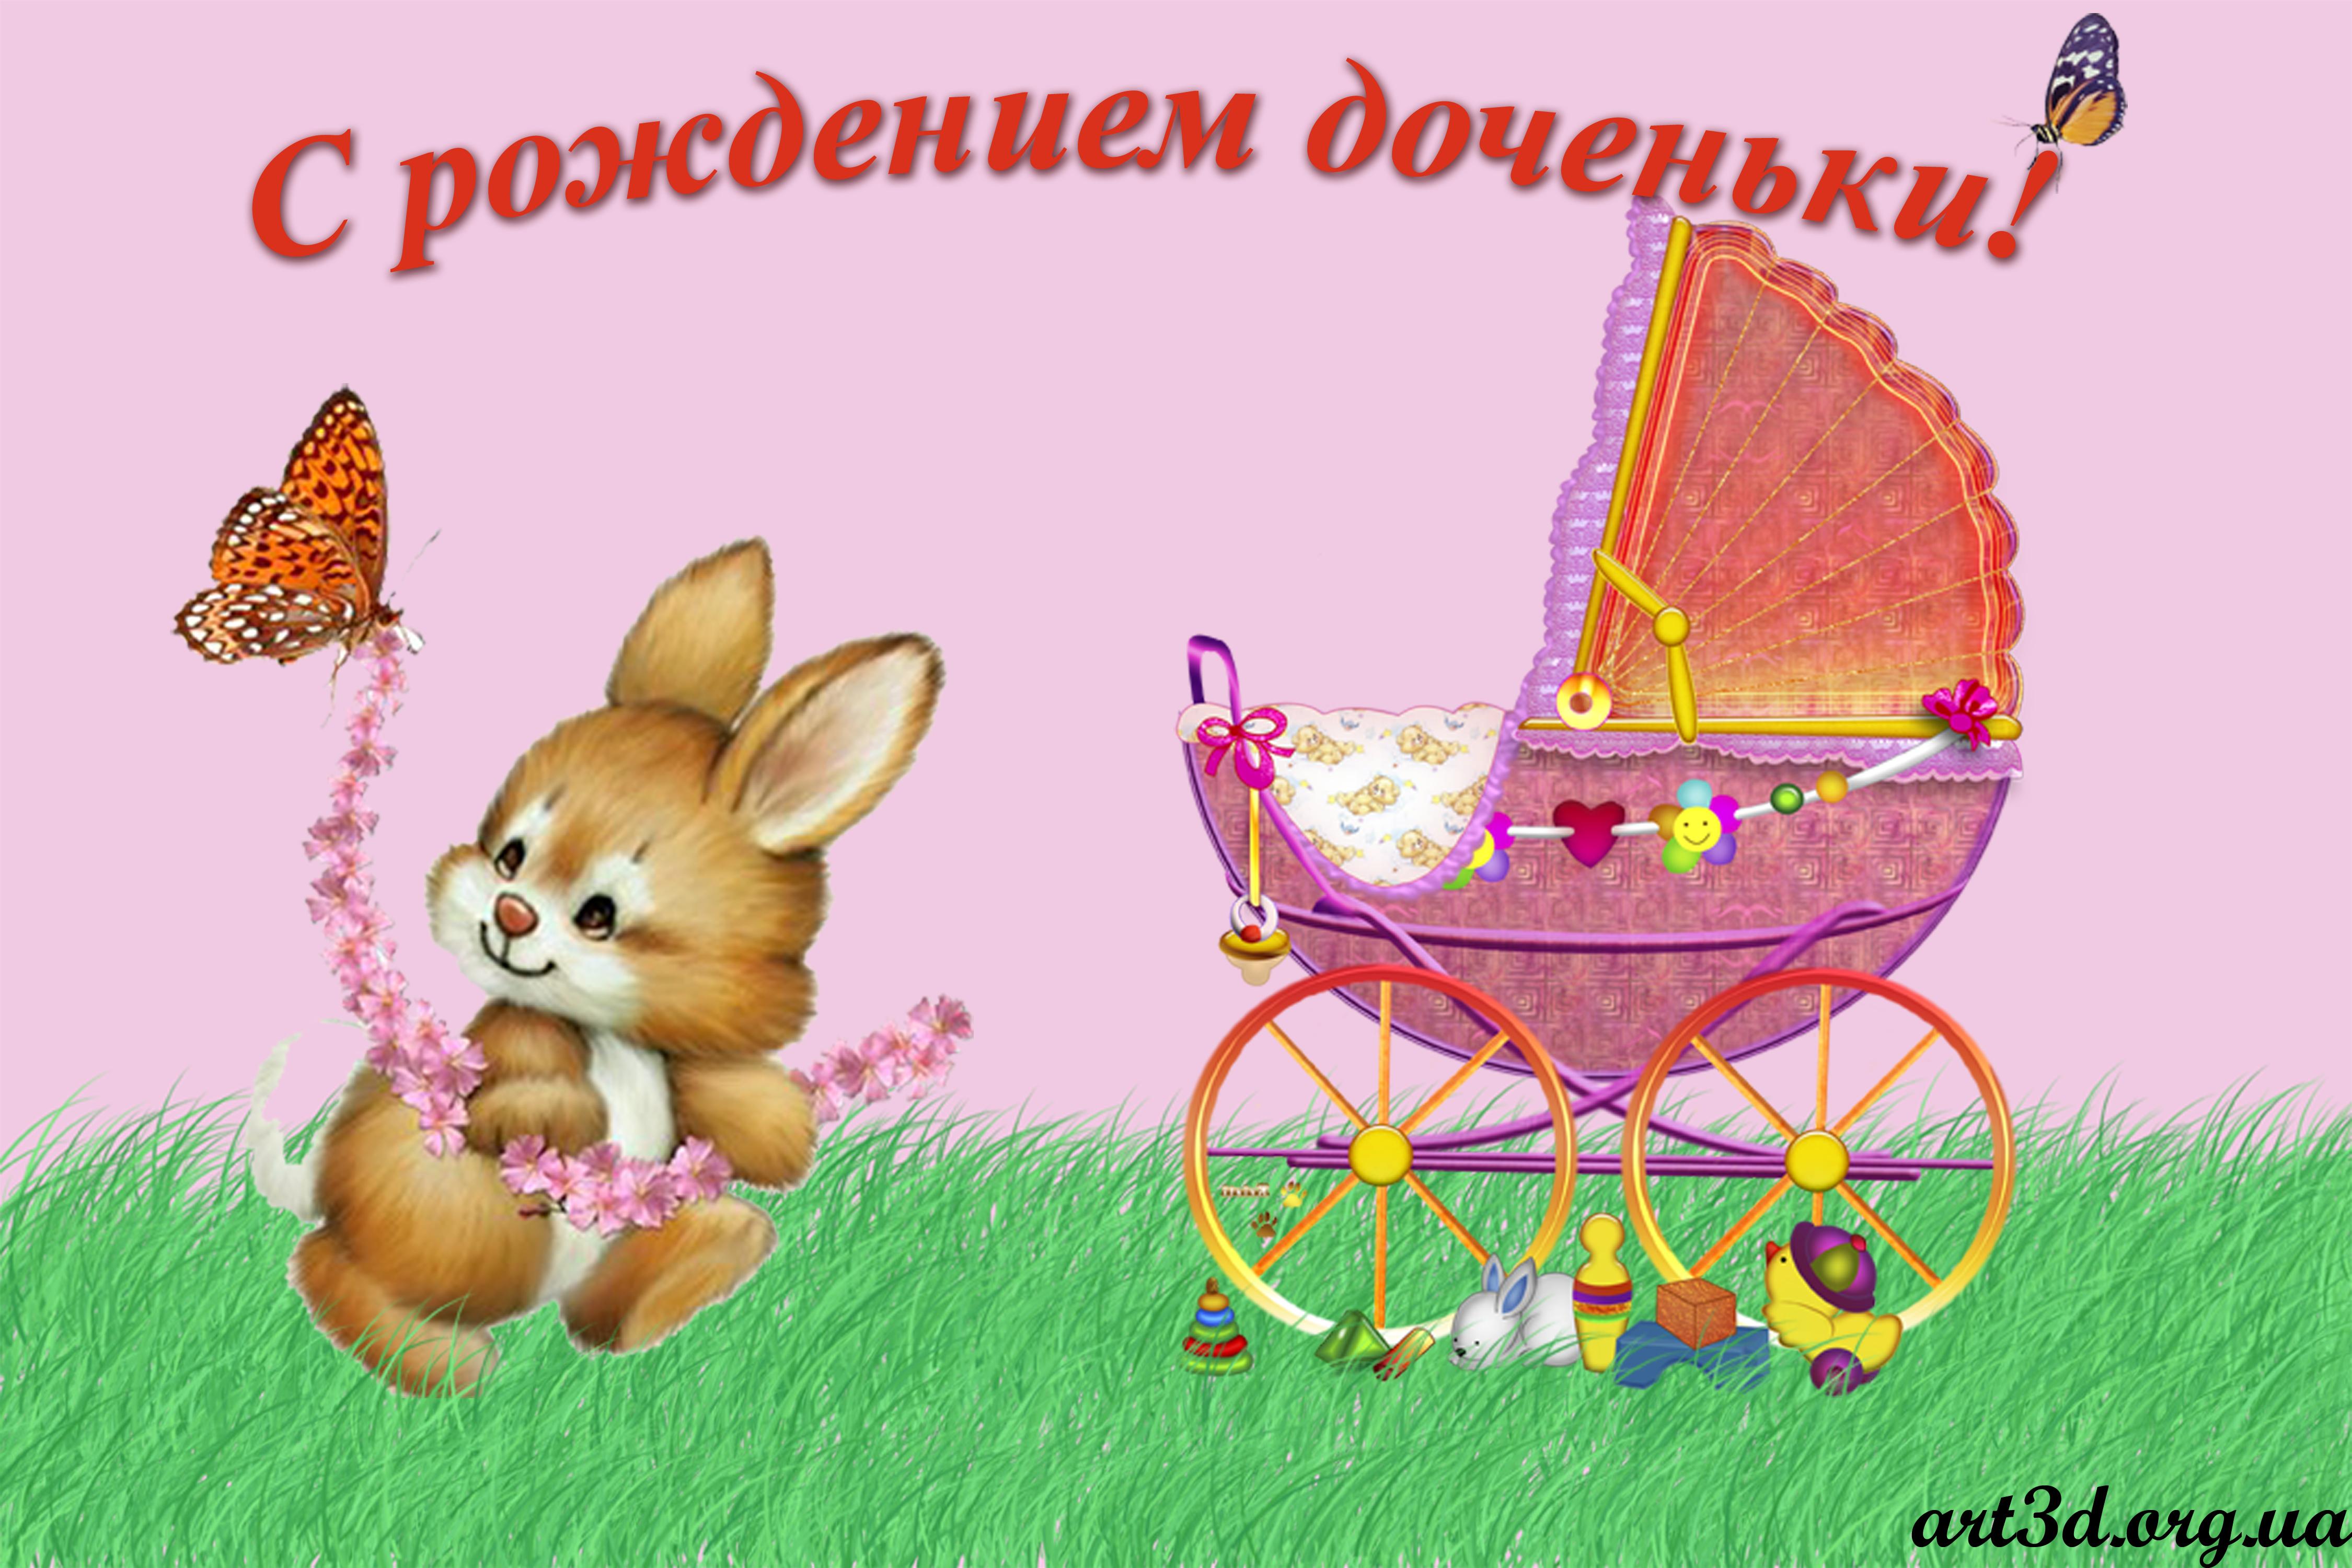 Поздравление с рождением оленьки